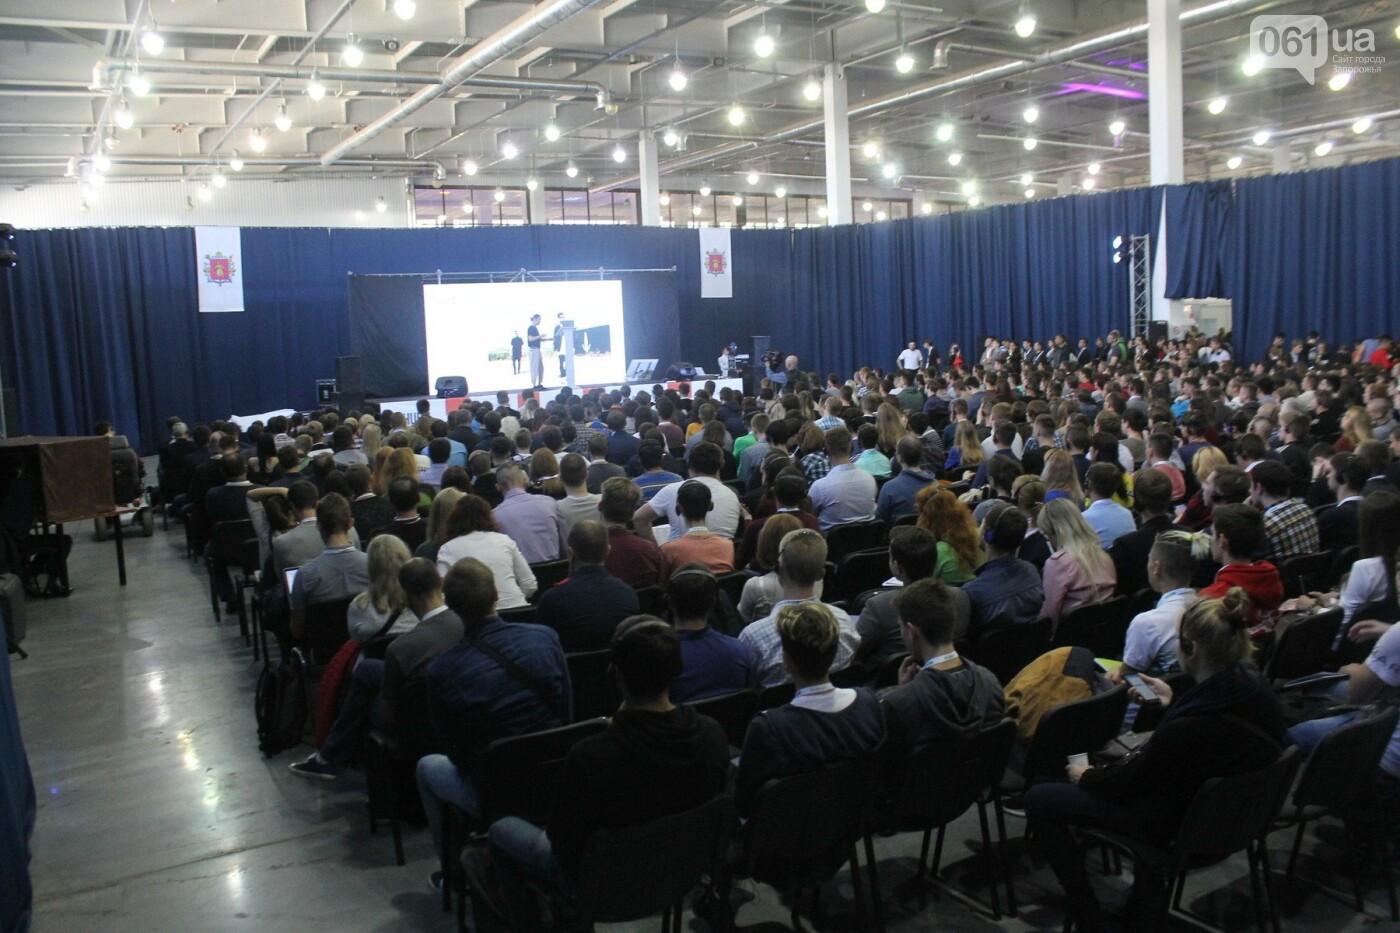 Роботы, киберспорт и спикеры-иностранцы: в Запорожье начался International IT Forum, – ФОТОРЕПОРТАЖ, фото-14